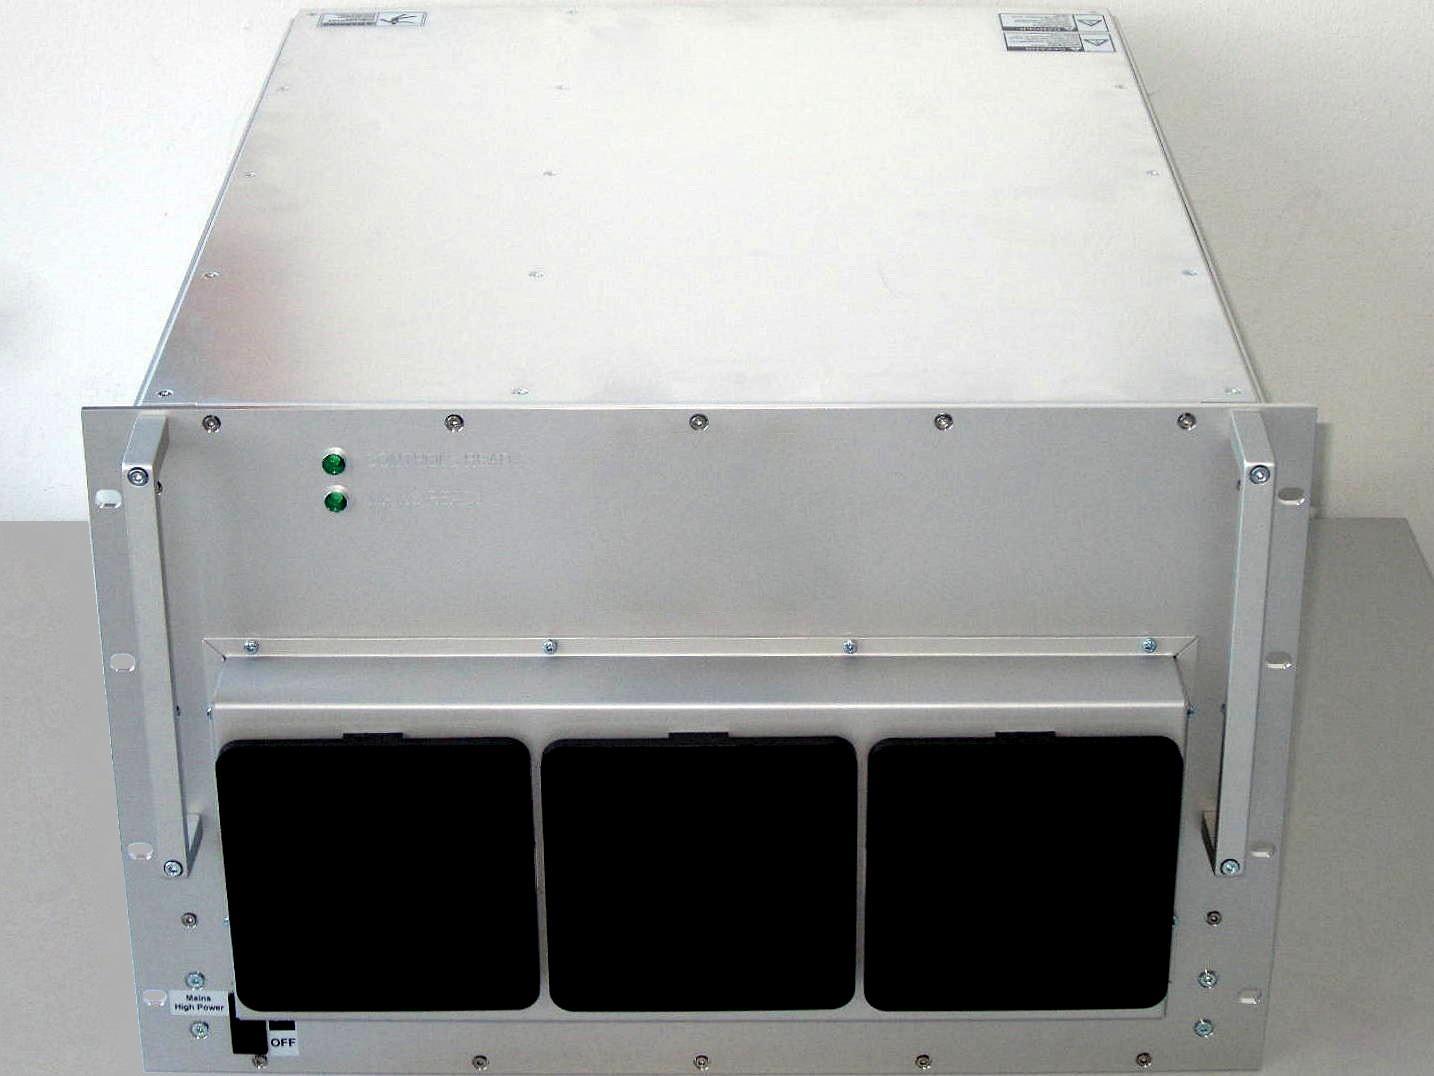 Collector 7HE MSM - DC-Quellen auf Hochspannungspotential